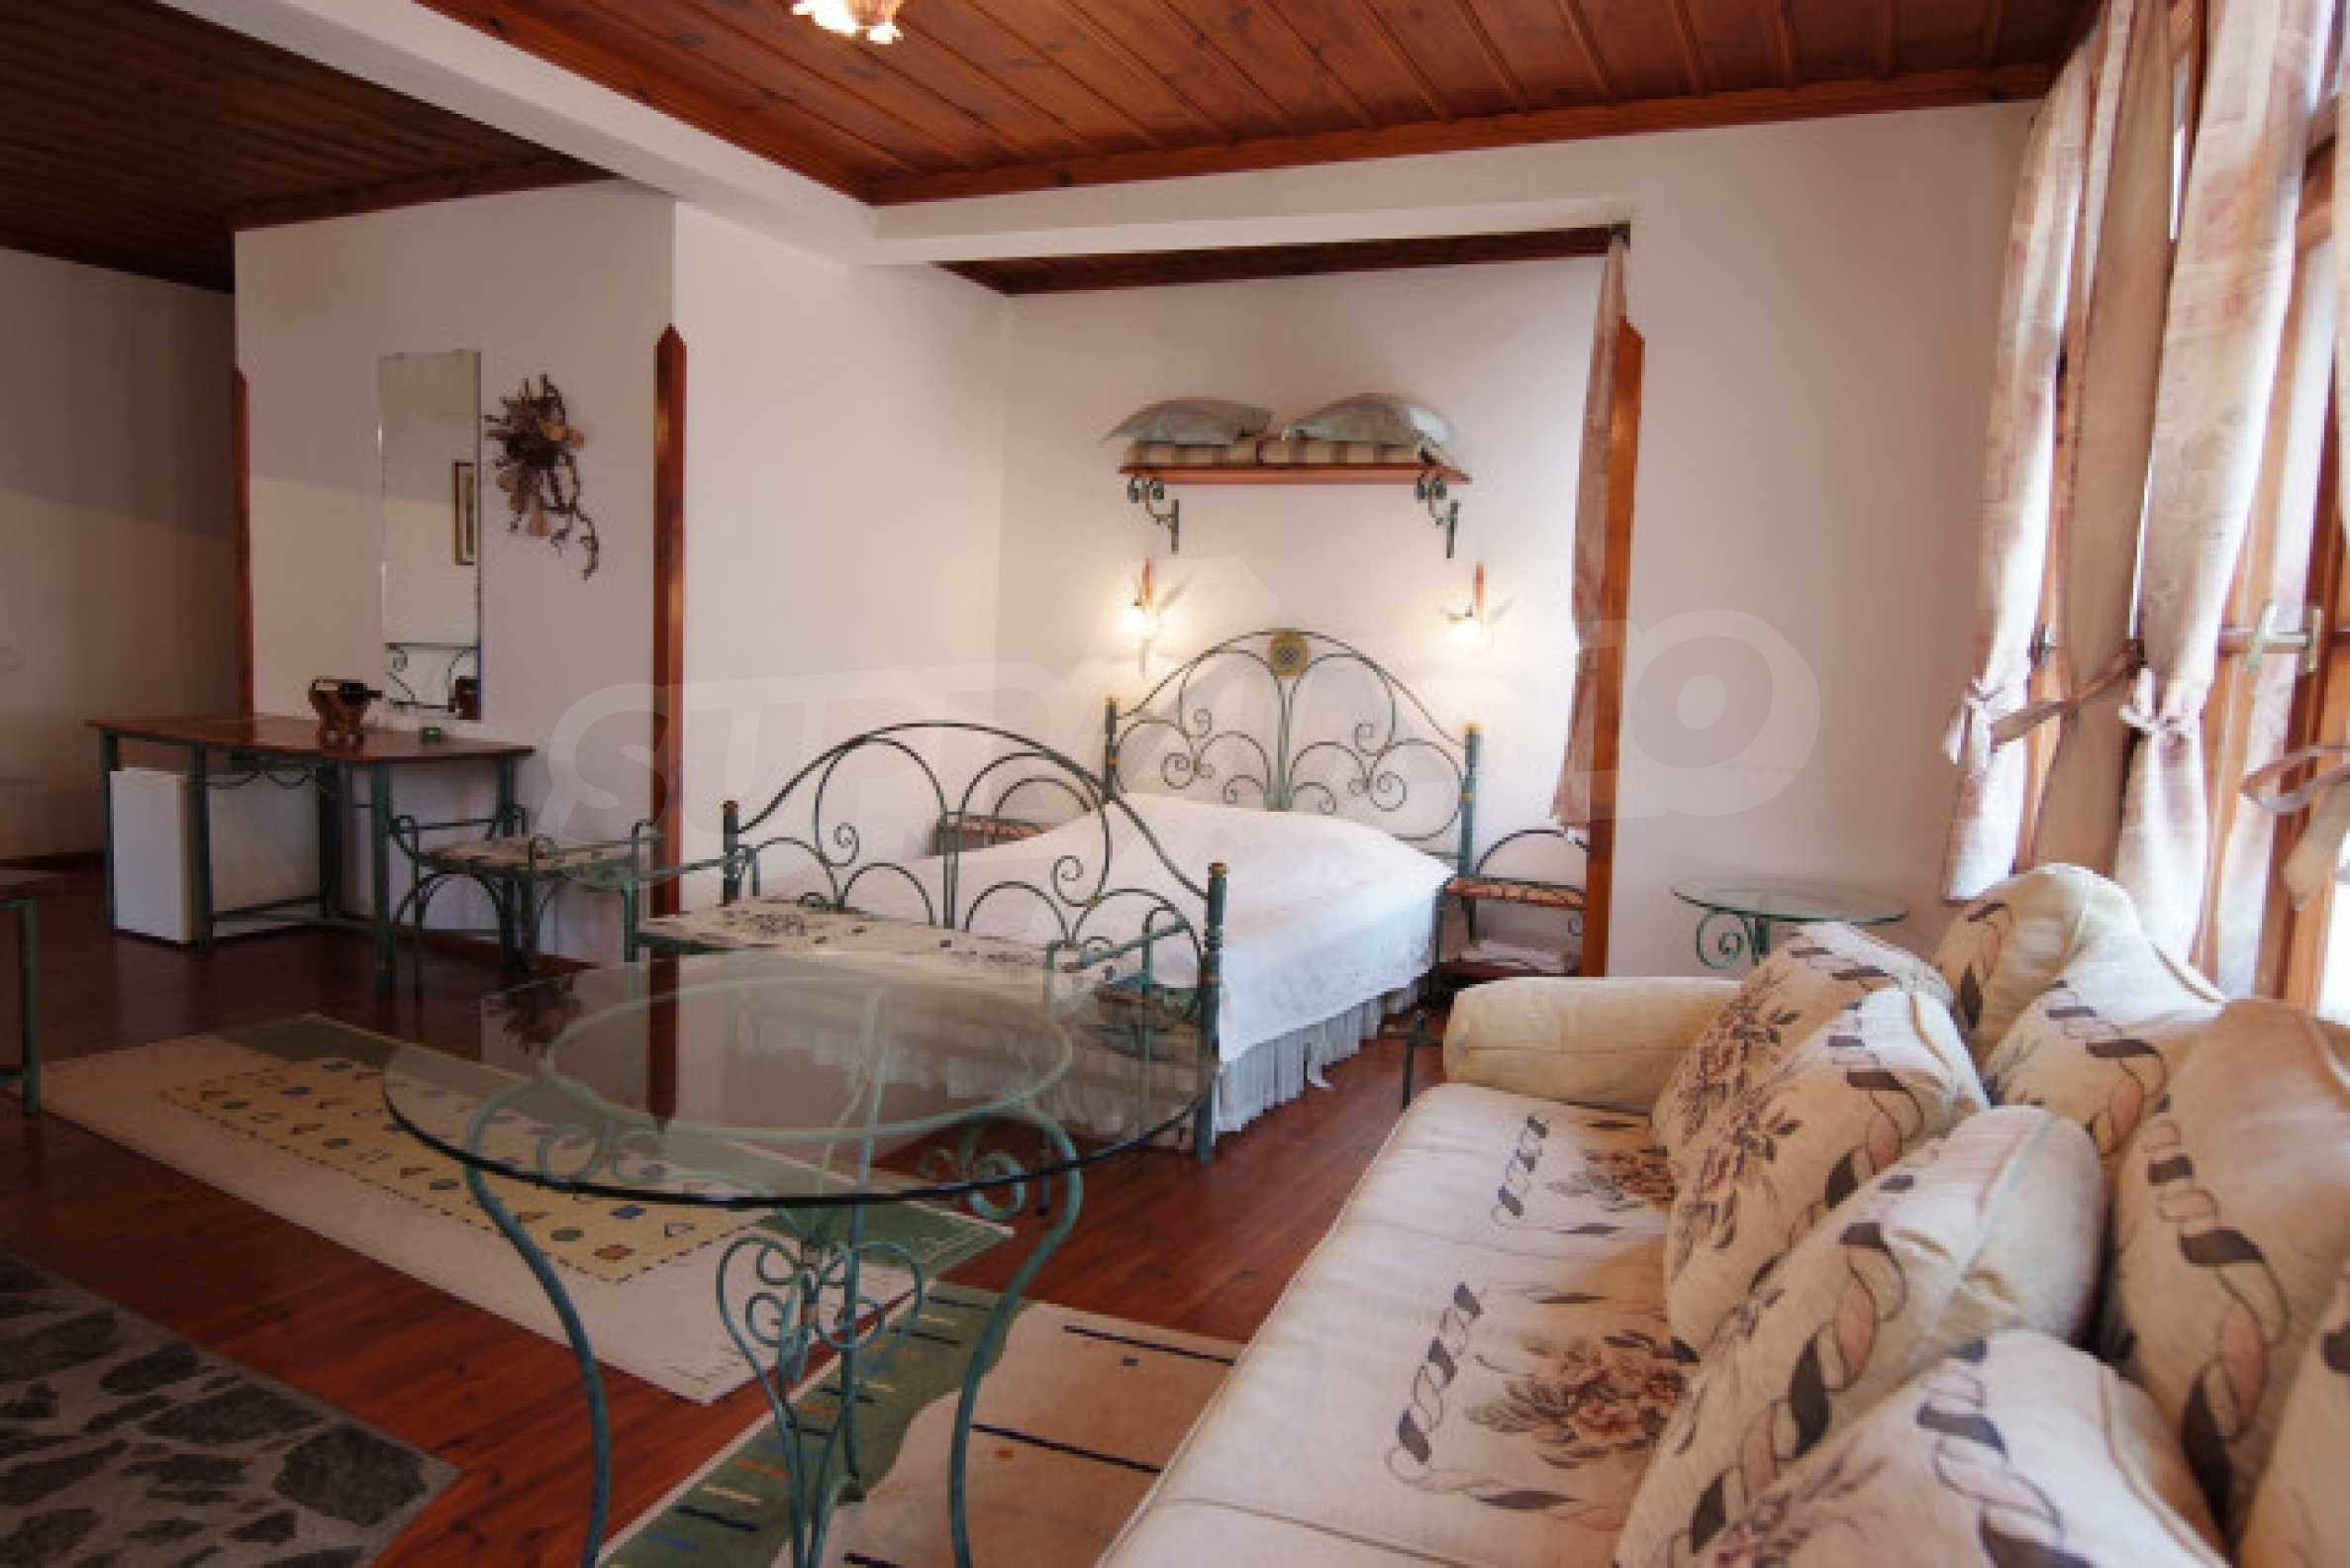 Семеен хотел в центъра на град Мелник 26